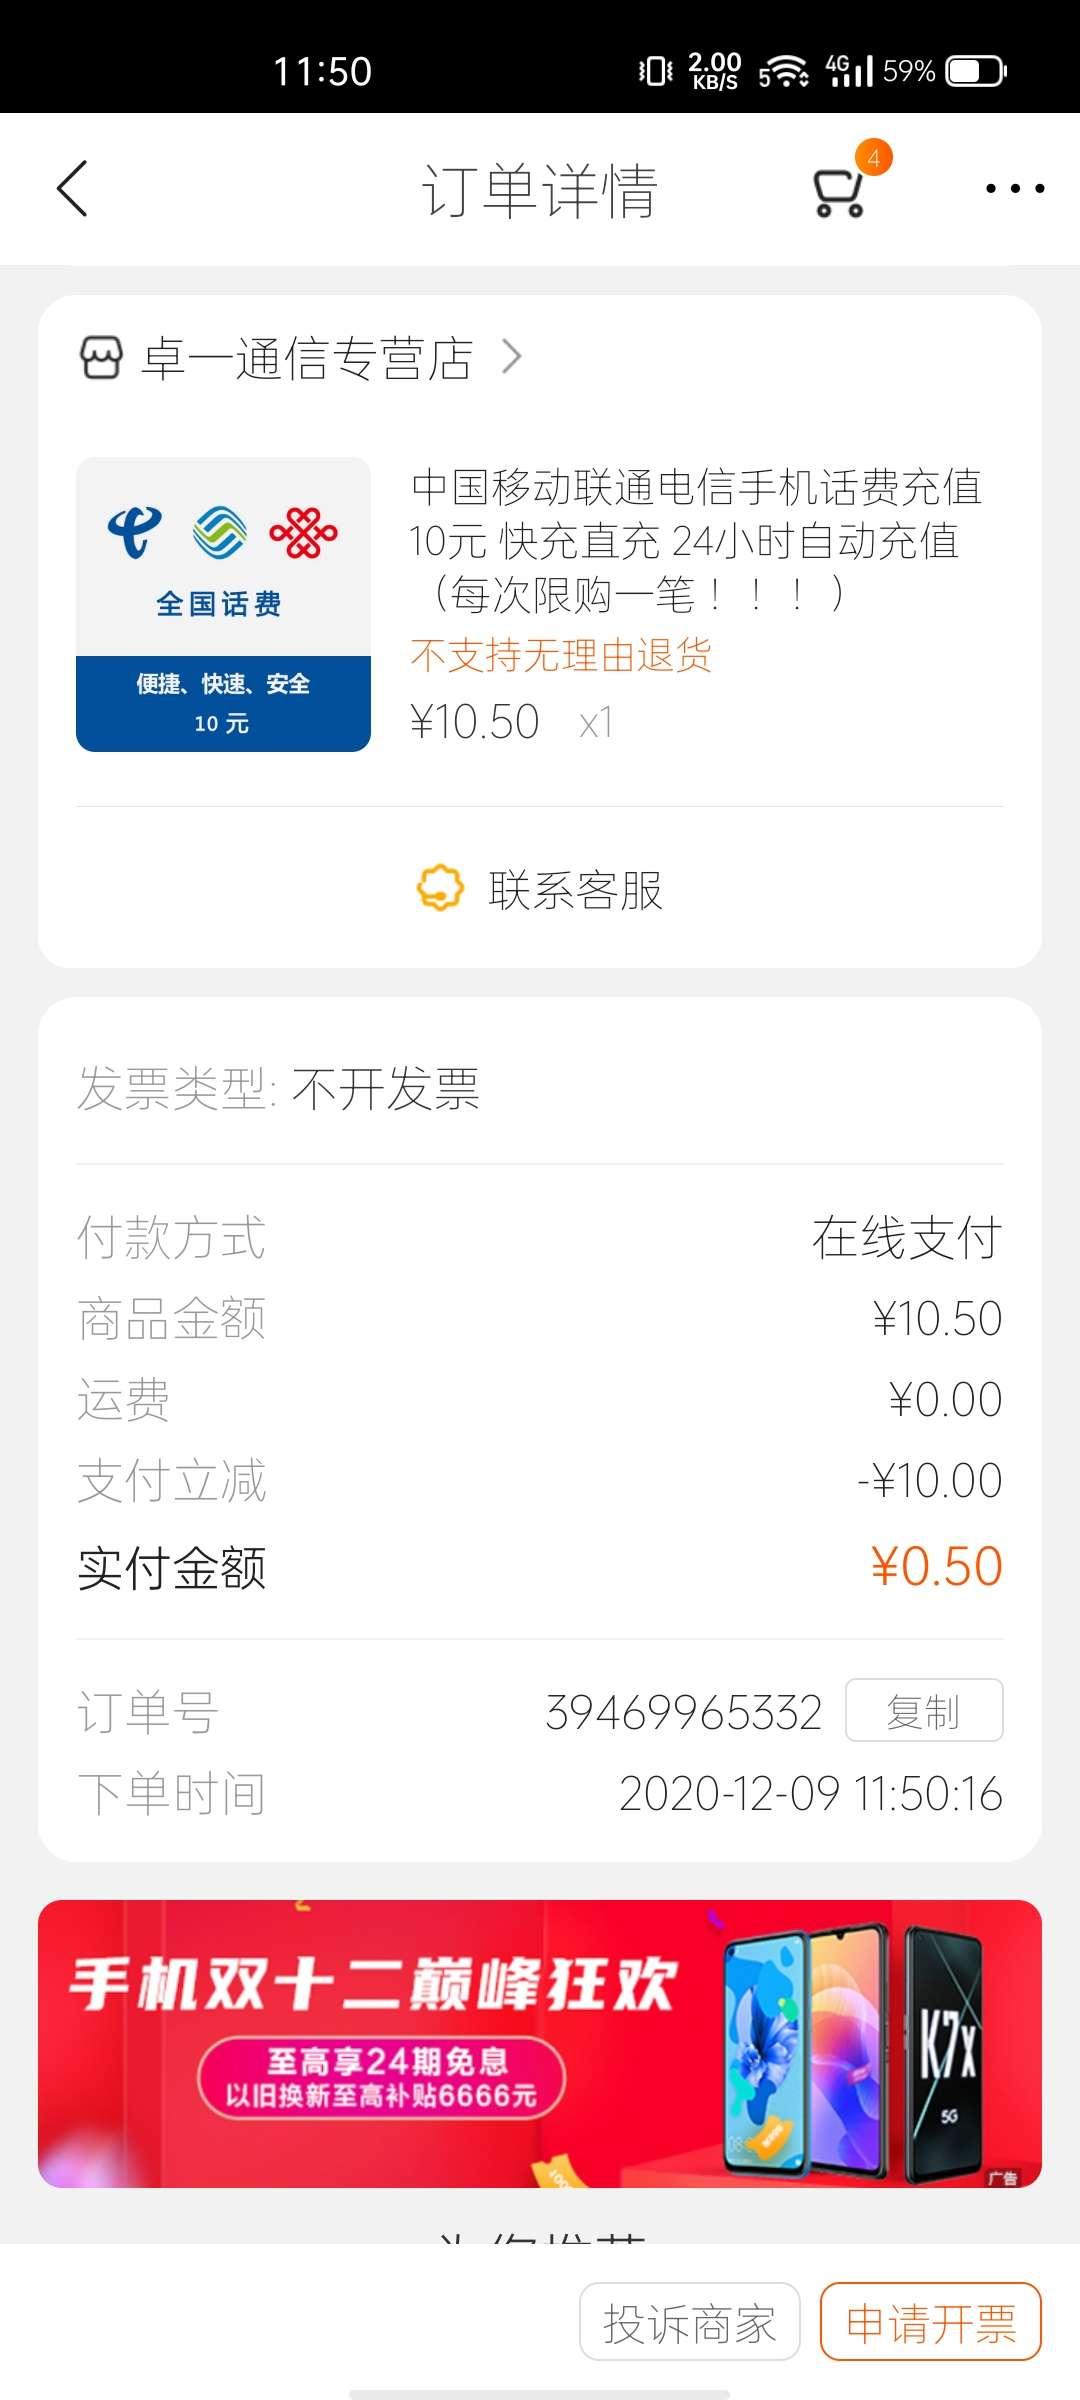 招商银行一键绑卡领苏宁10元支付券-聚合资源网